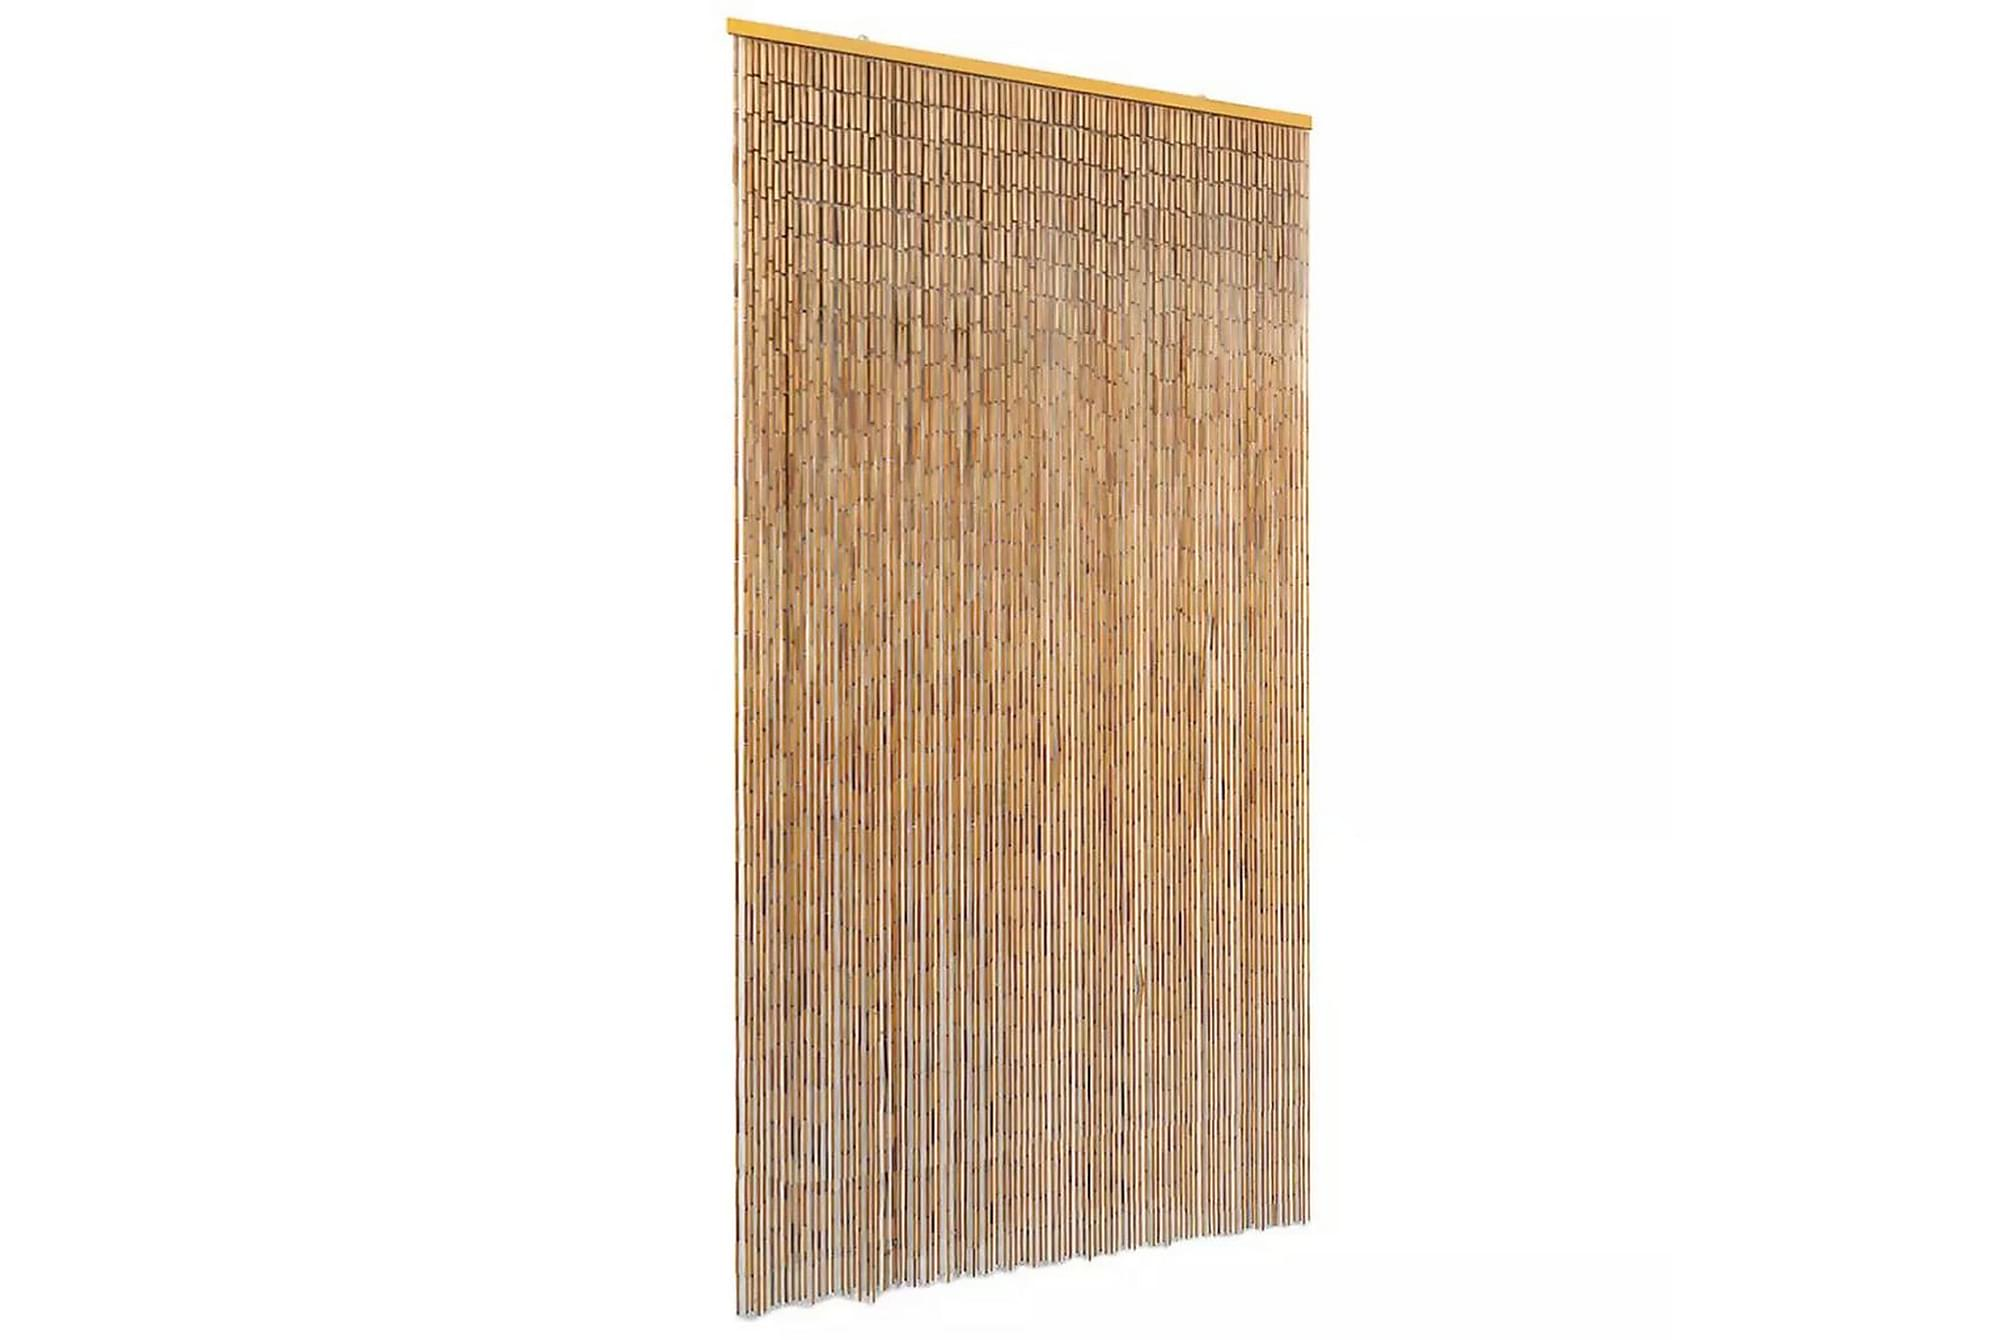 Dörrdraperi i bambu 100x220 cm, Myggnät